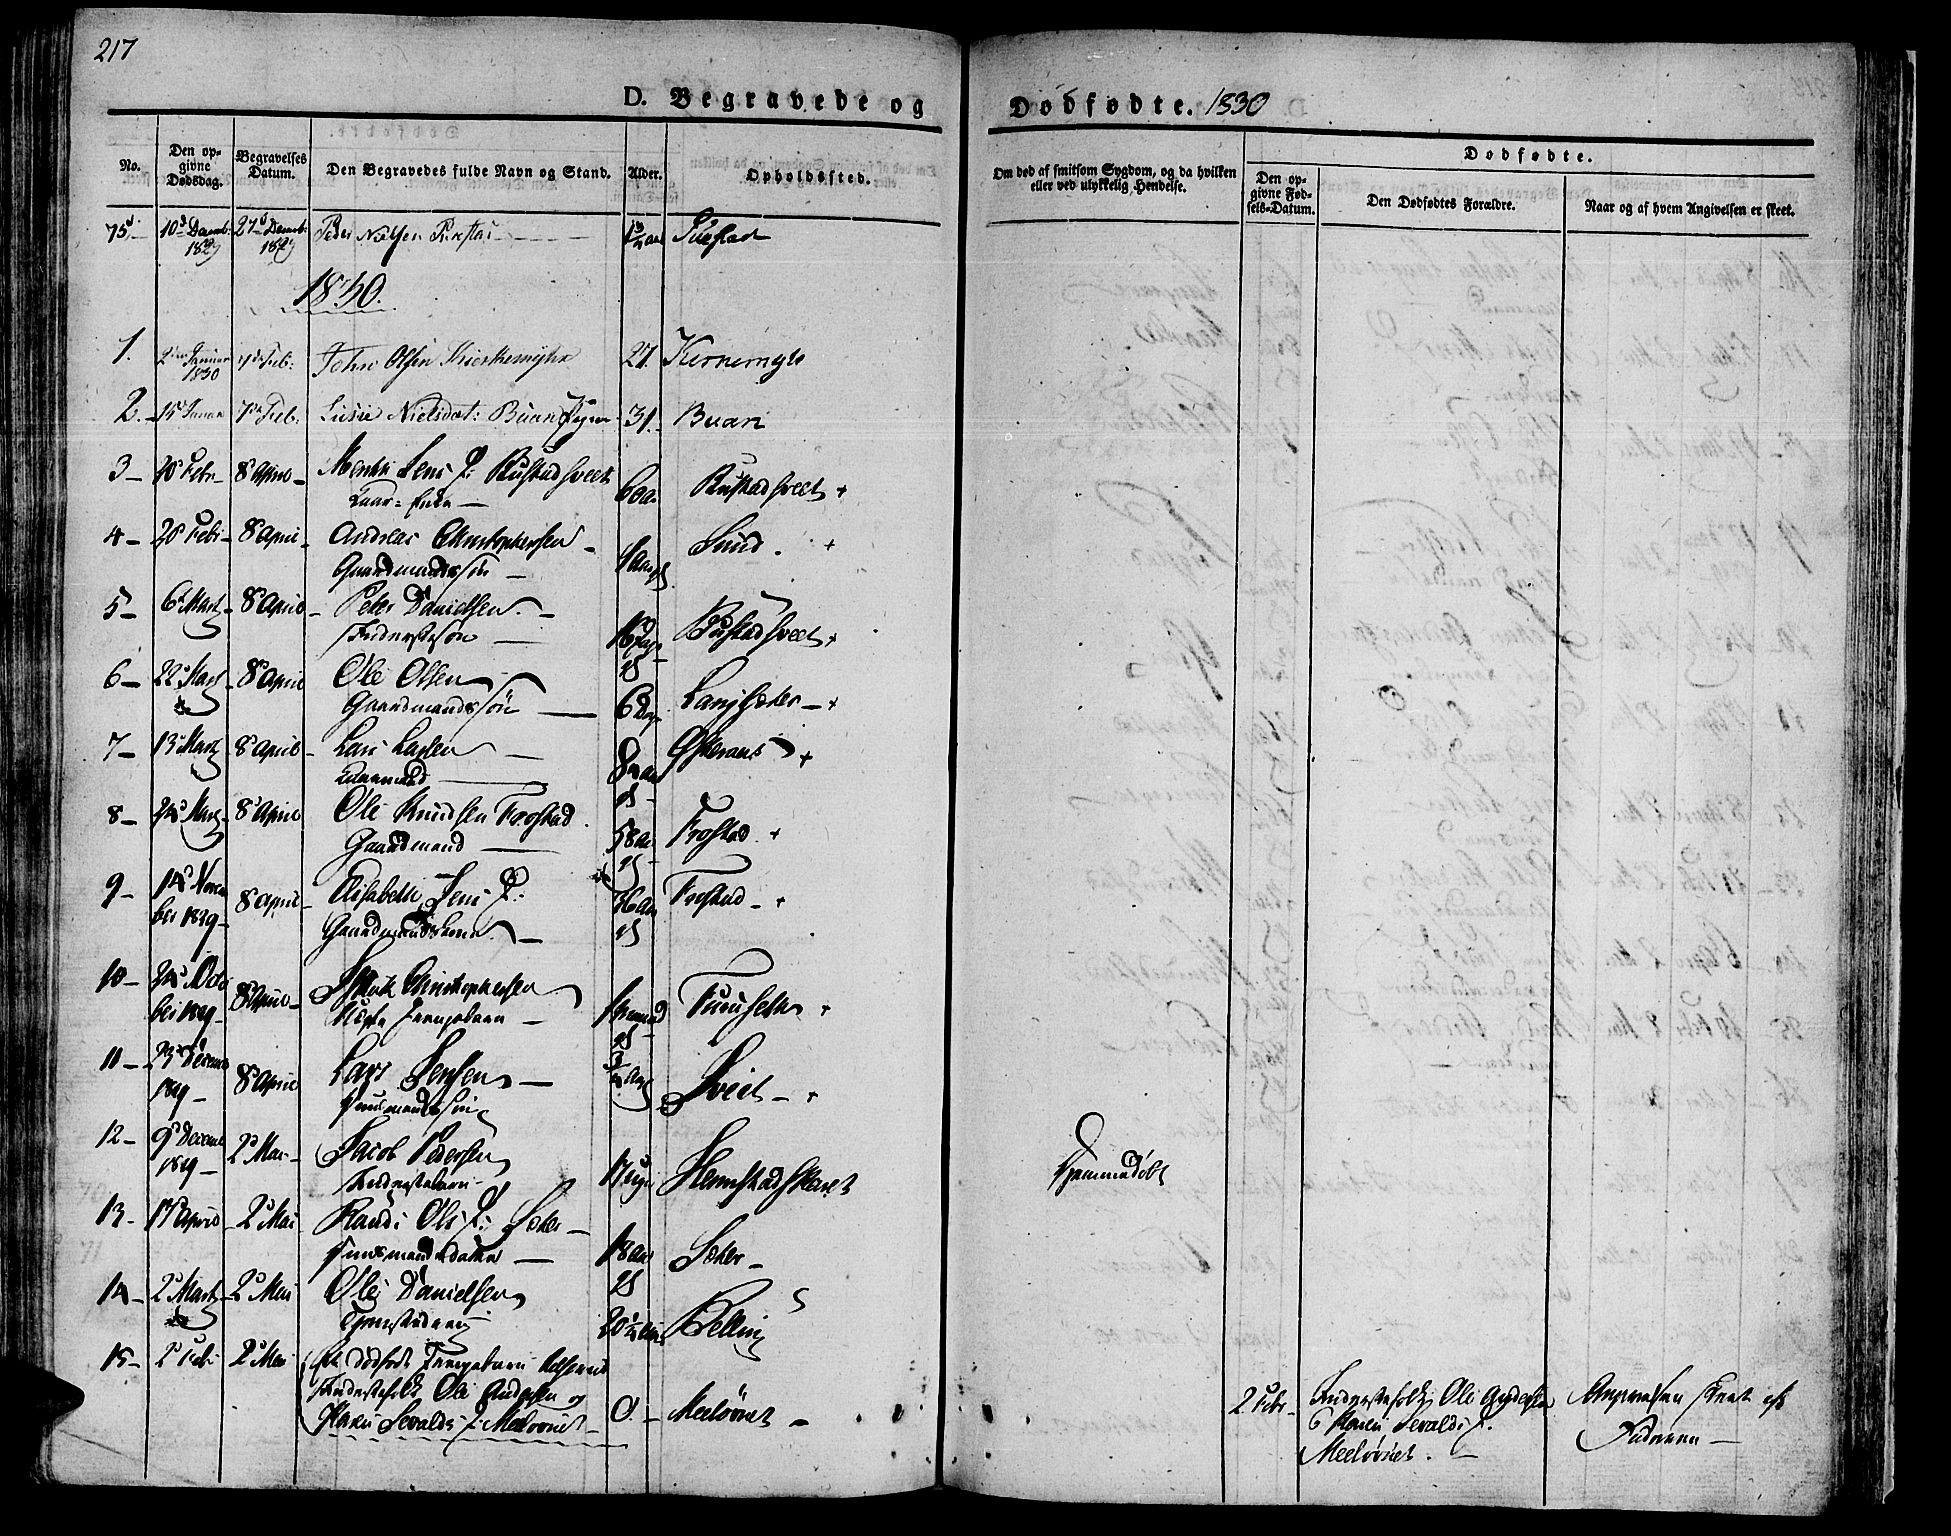 SAT, Ministerialprotokoller, klokkerbøker og fødselsregistre - Sør-Trøndelag, 646/L0609: Ministerialbok nr. 646A07, 1826-1838, s. 217